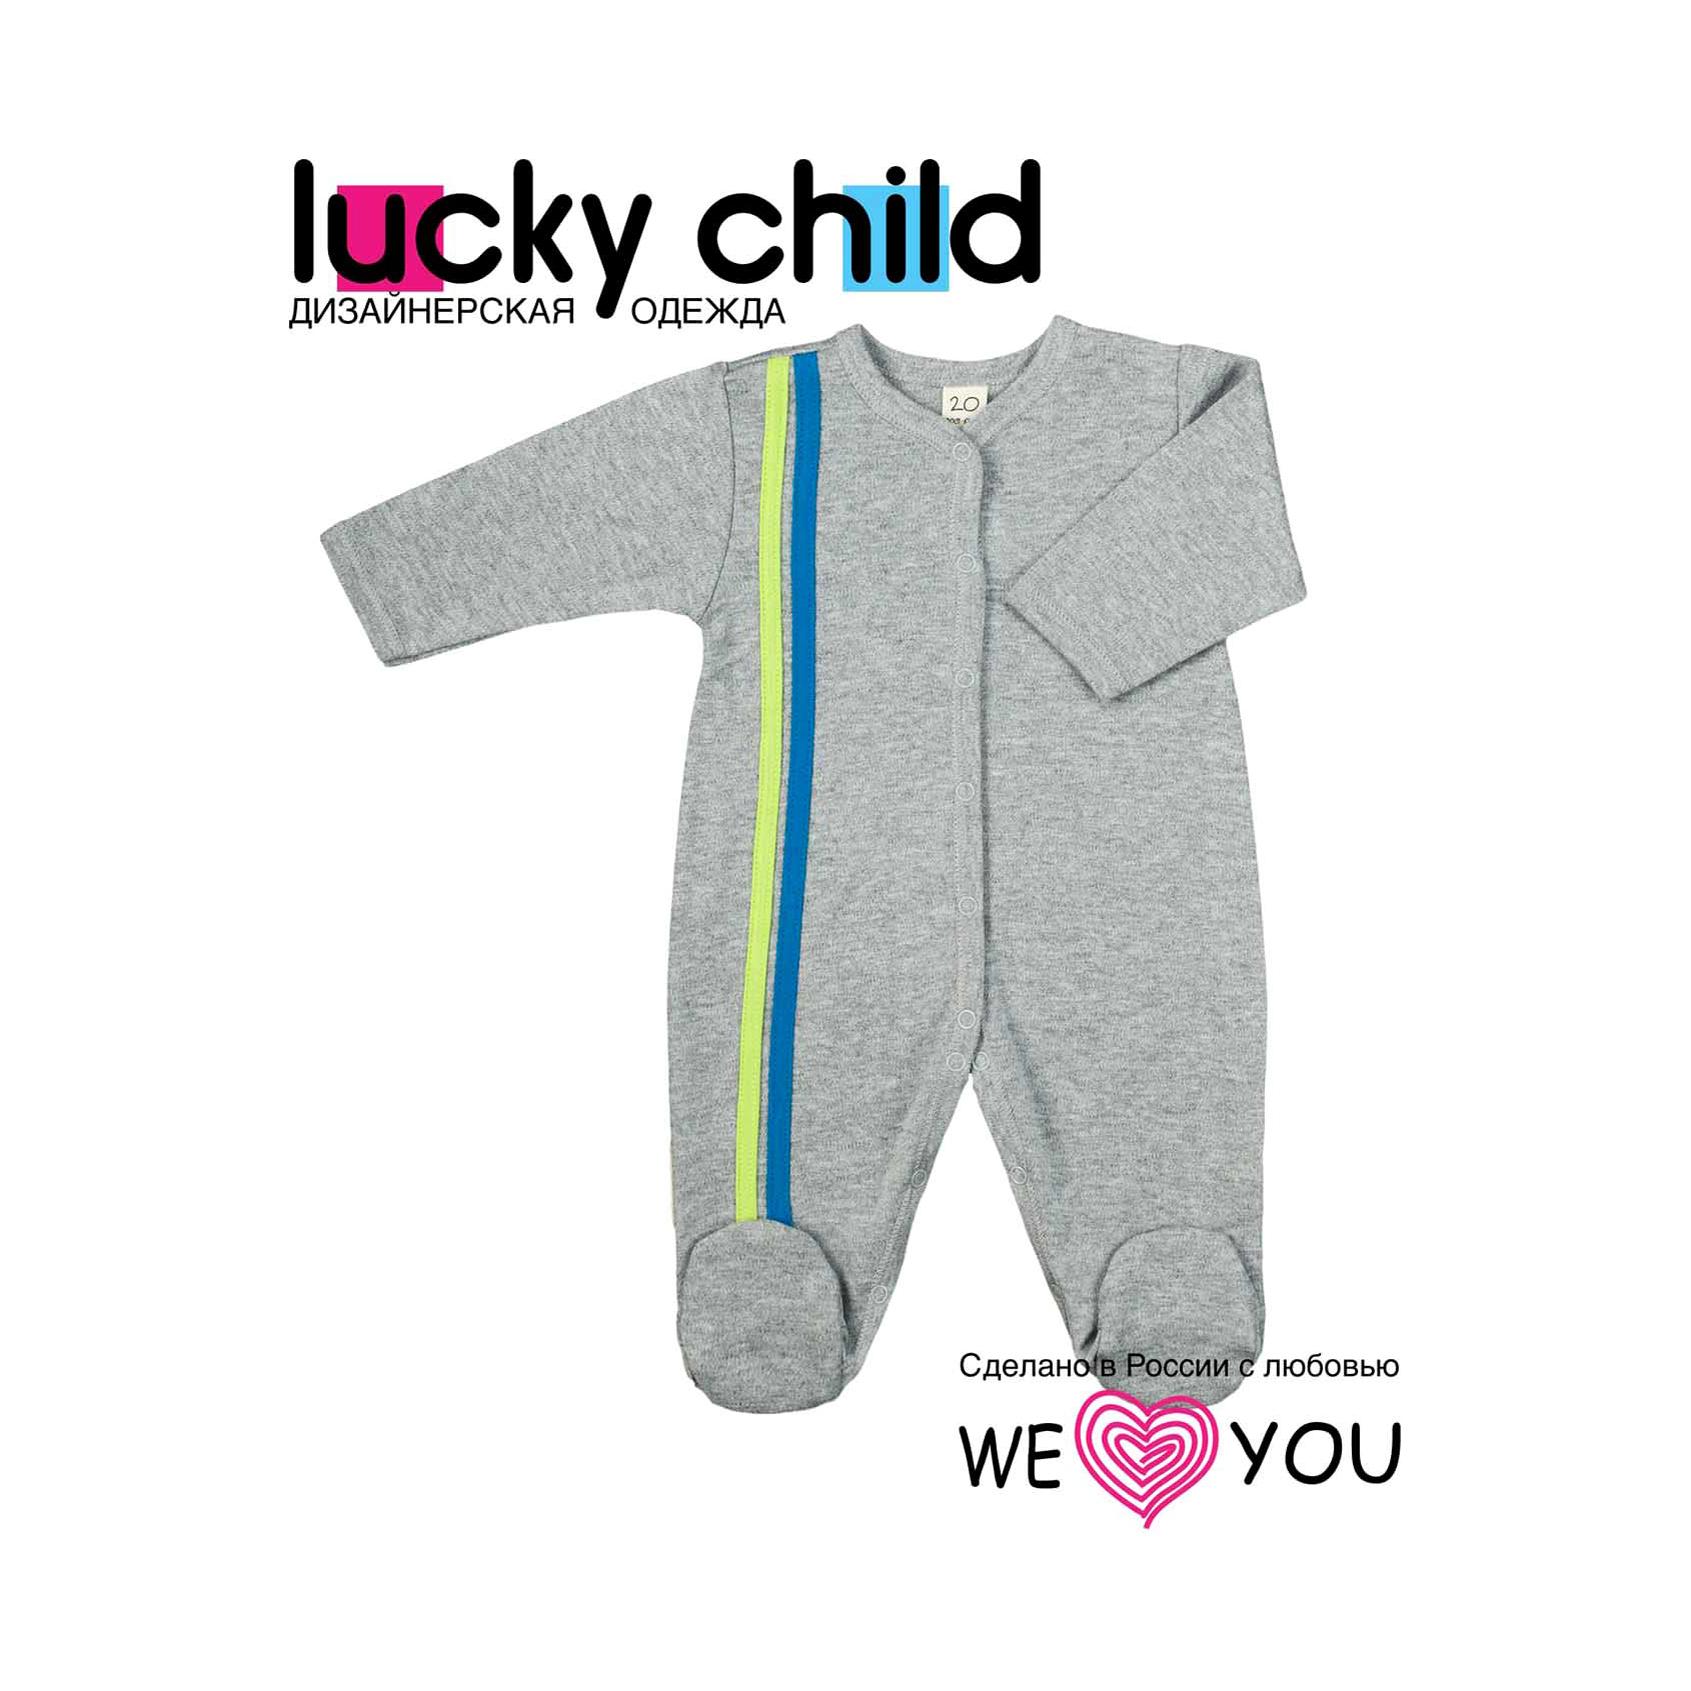 Комбинезон Lucky Child коллекция Спортивная линия, для мальчика размер 56<br>